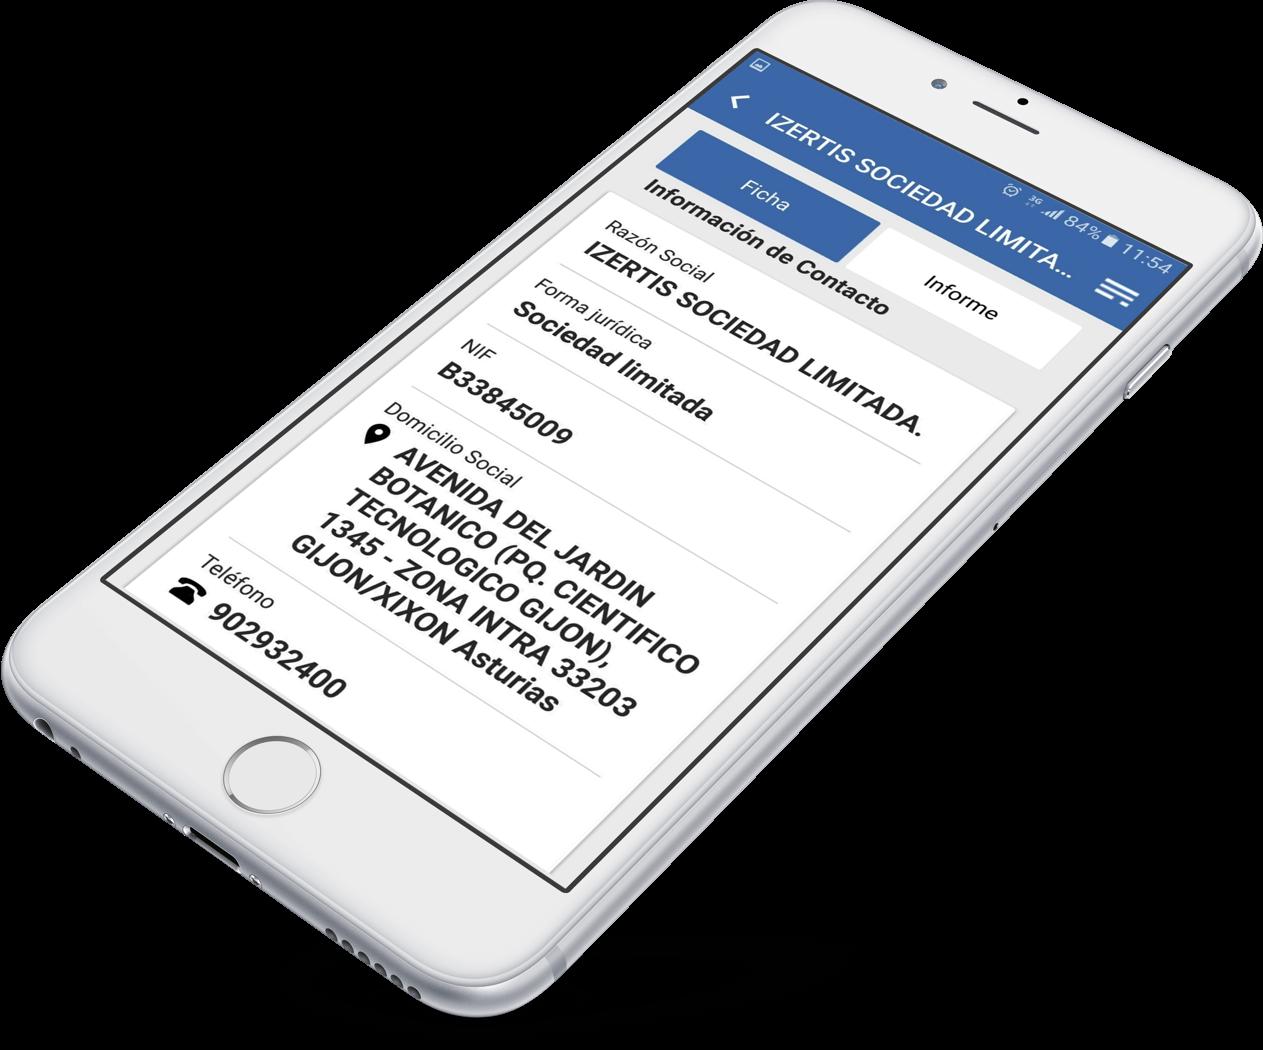 ¿Cuánto cuesta la App Informa?